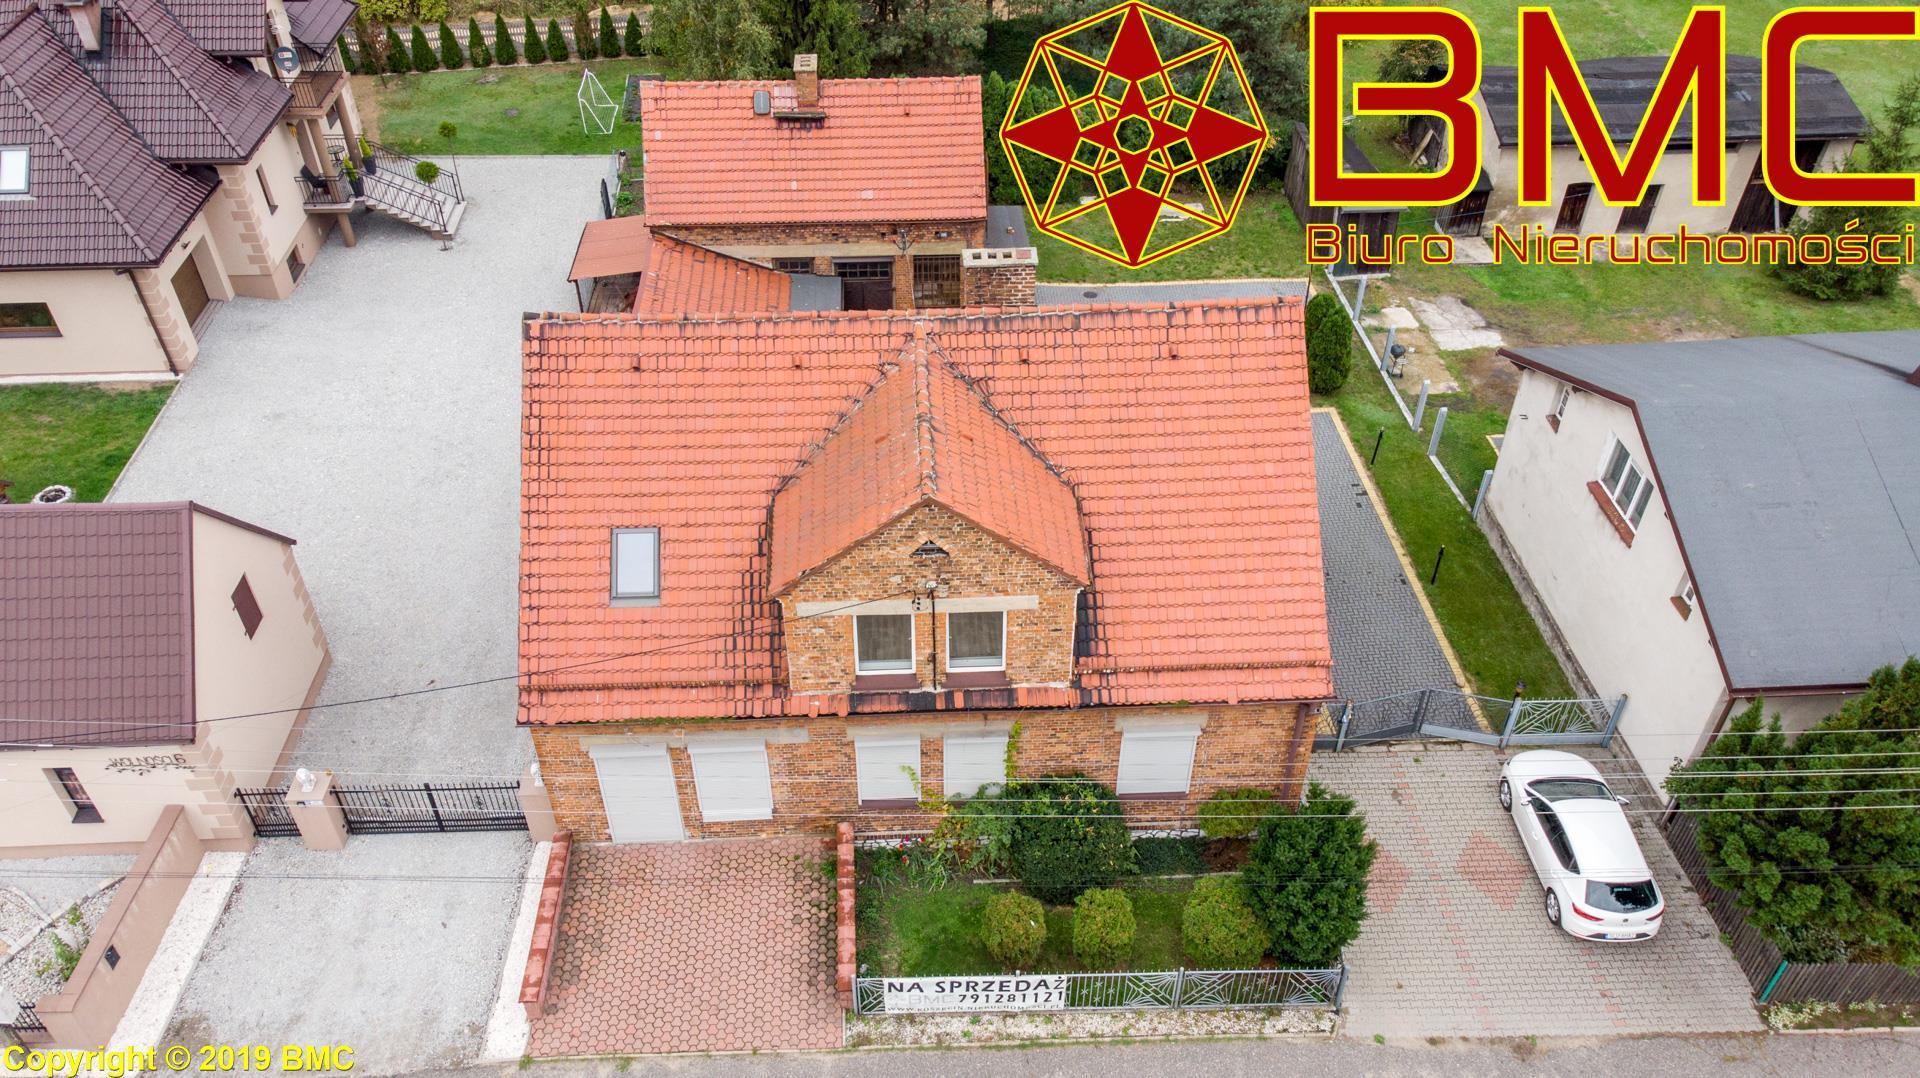 Nieruchomość Dom sprzedaż Boronów Dom z czerwonej cegły -Boronów1